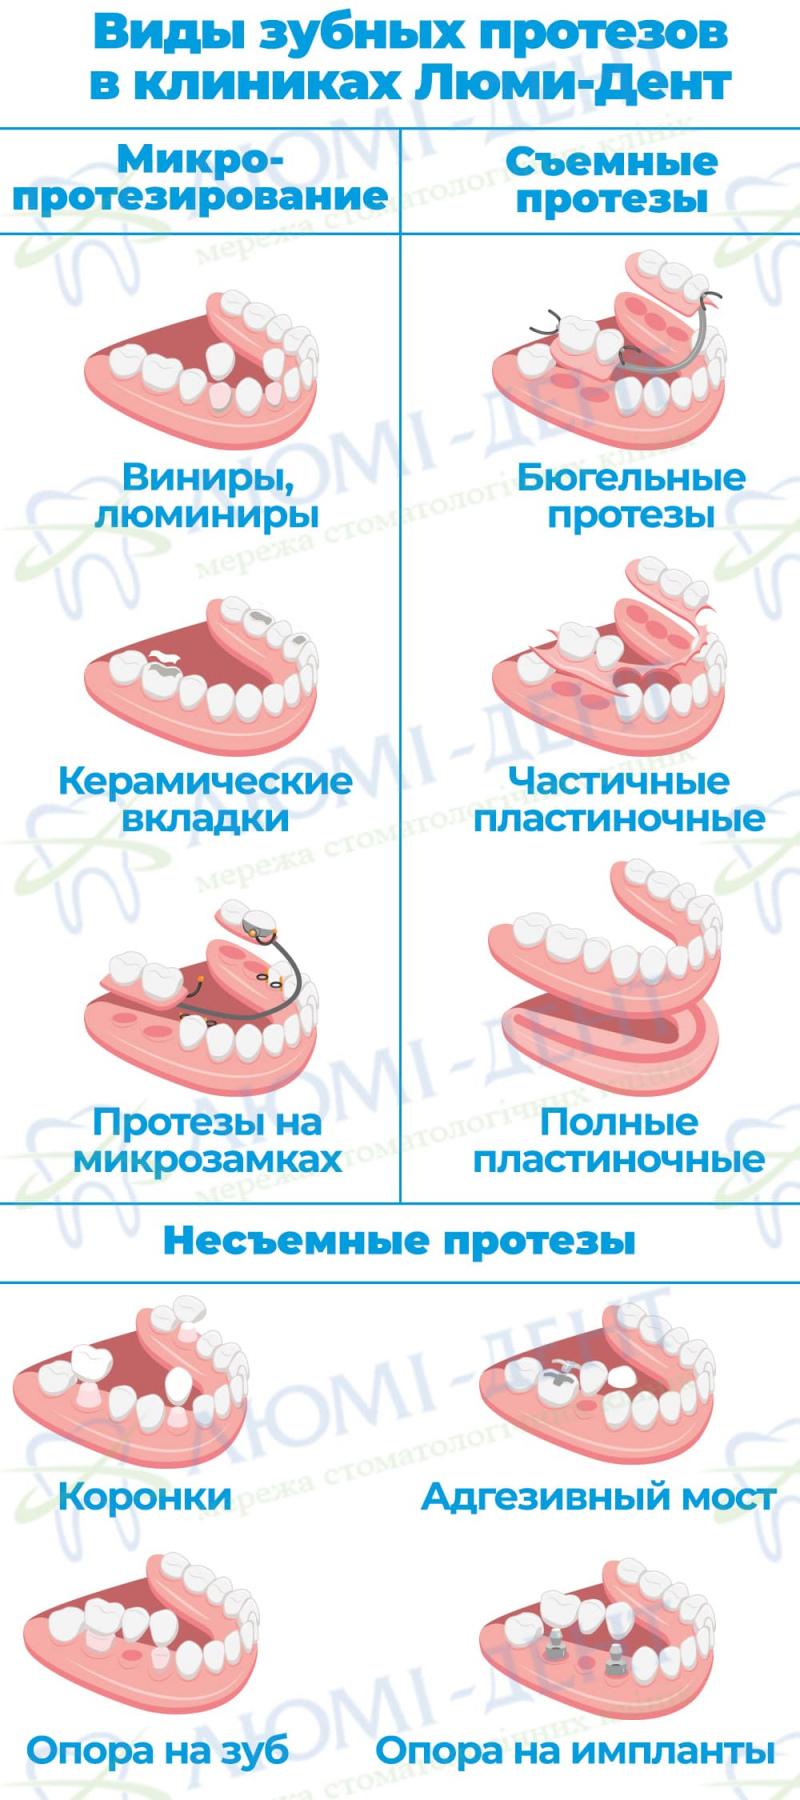 Зубные протезы это фото ЛюмиДент